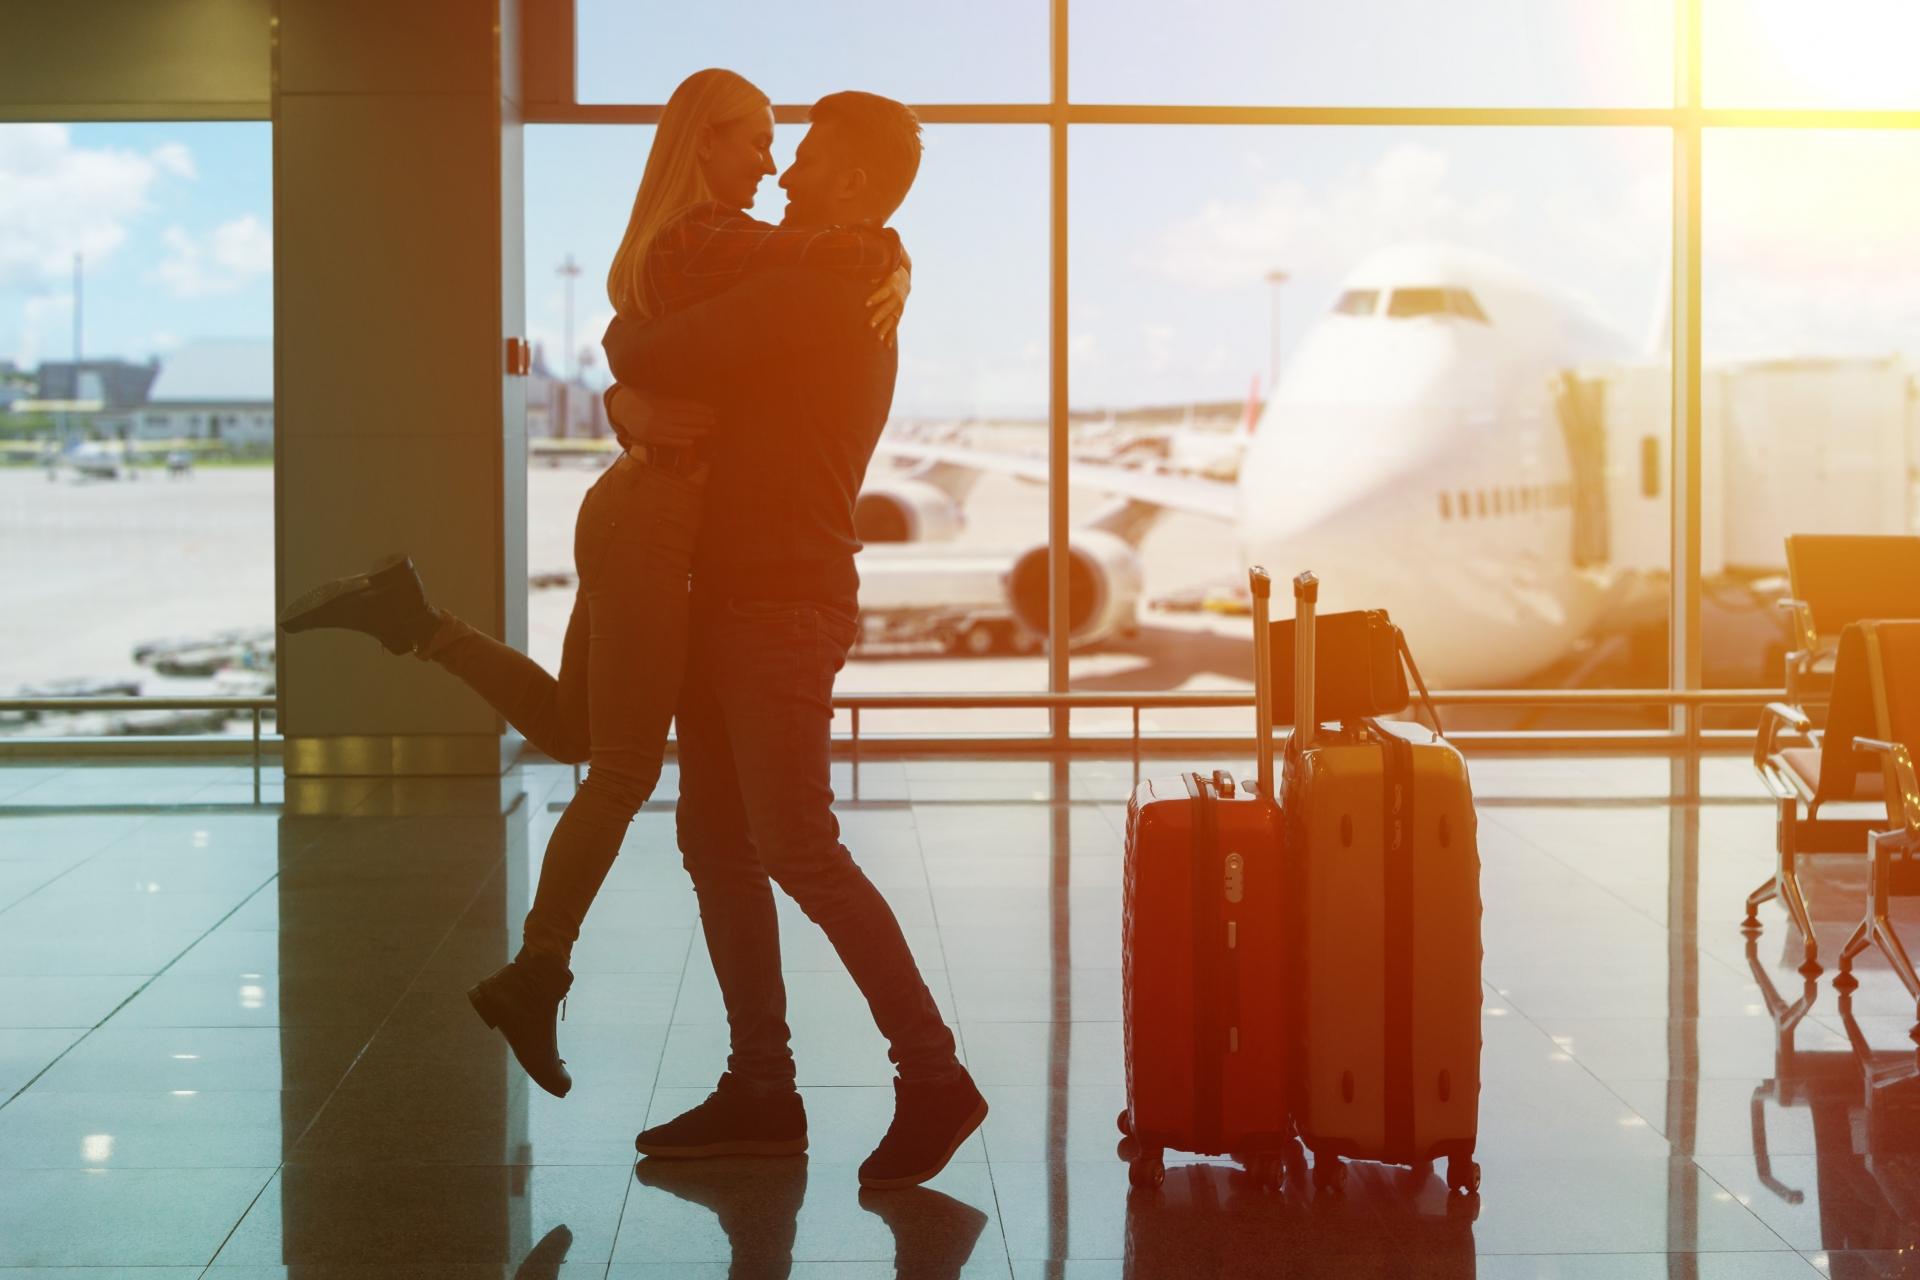 【旅行×デート】LCCで行く!カップルにオススメ週末旅行スポット3選【海外も】